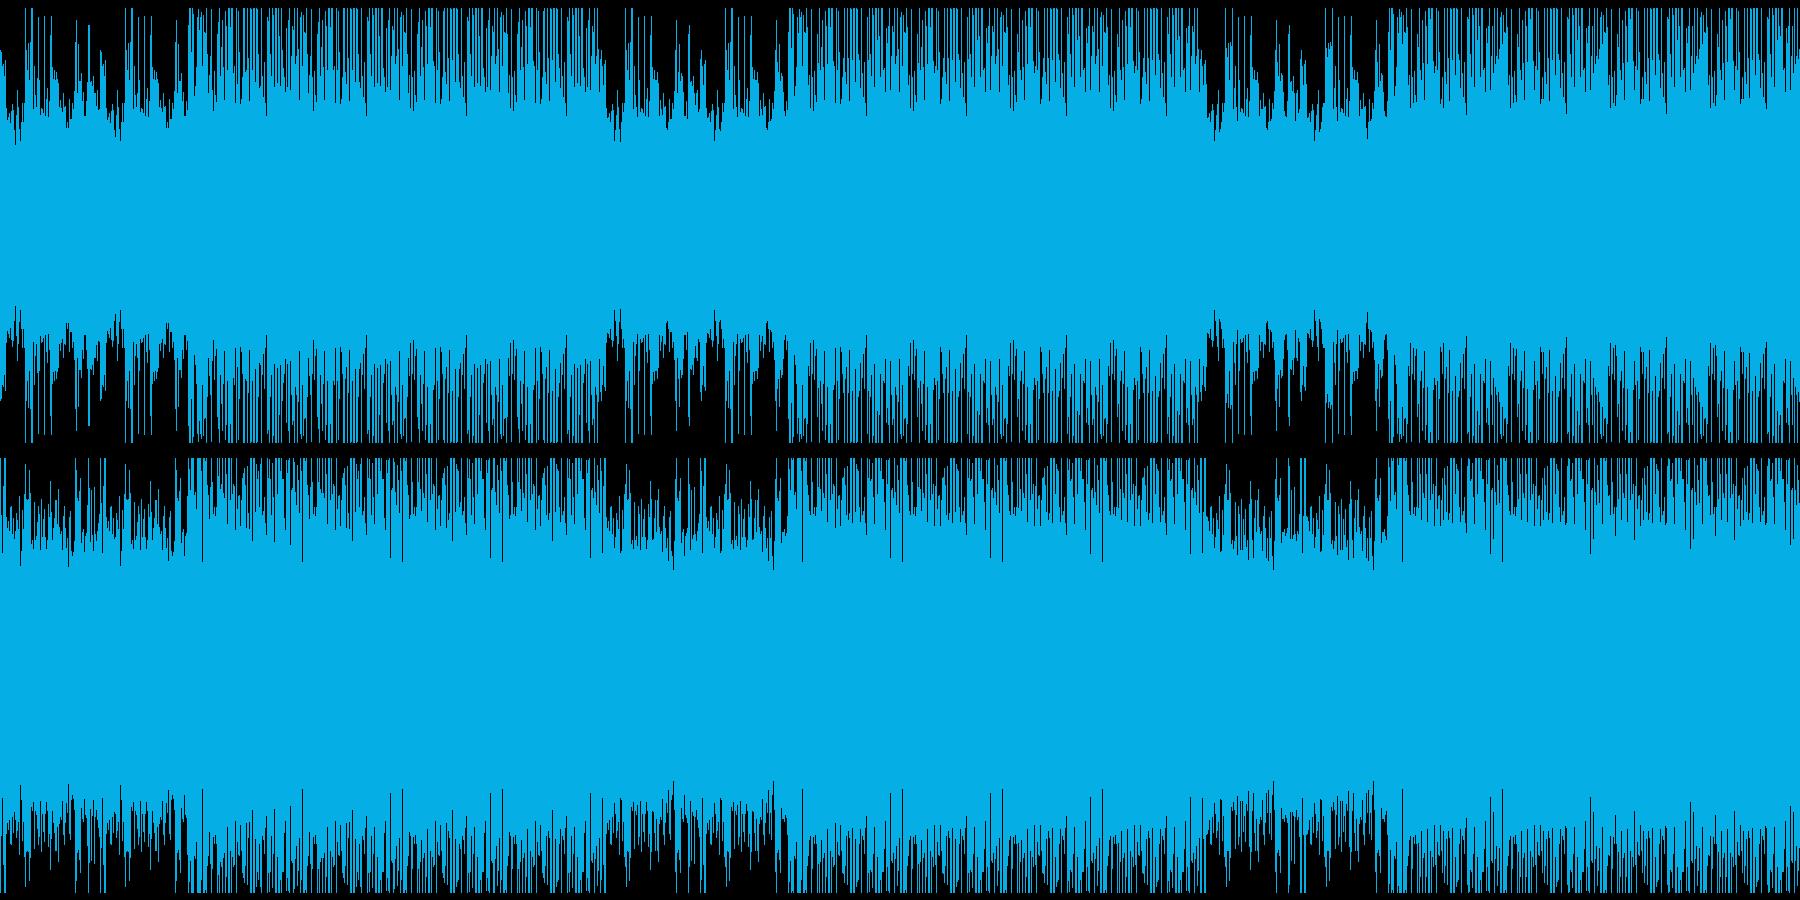 【高級感を演出するストリングス/ループ】の再生済みの波形